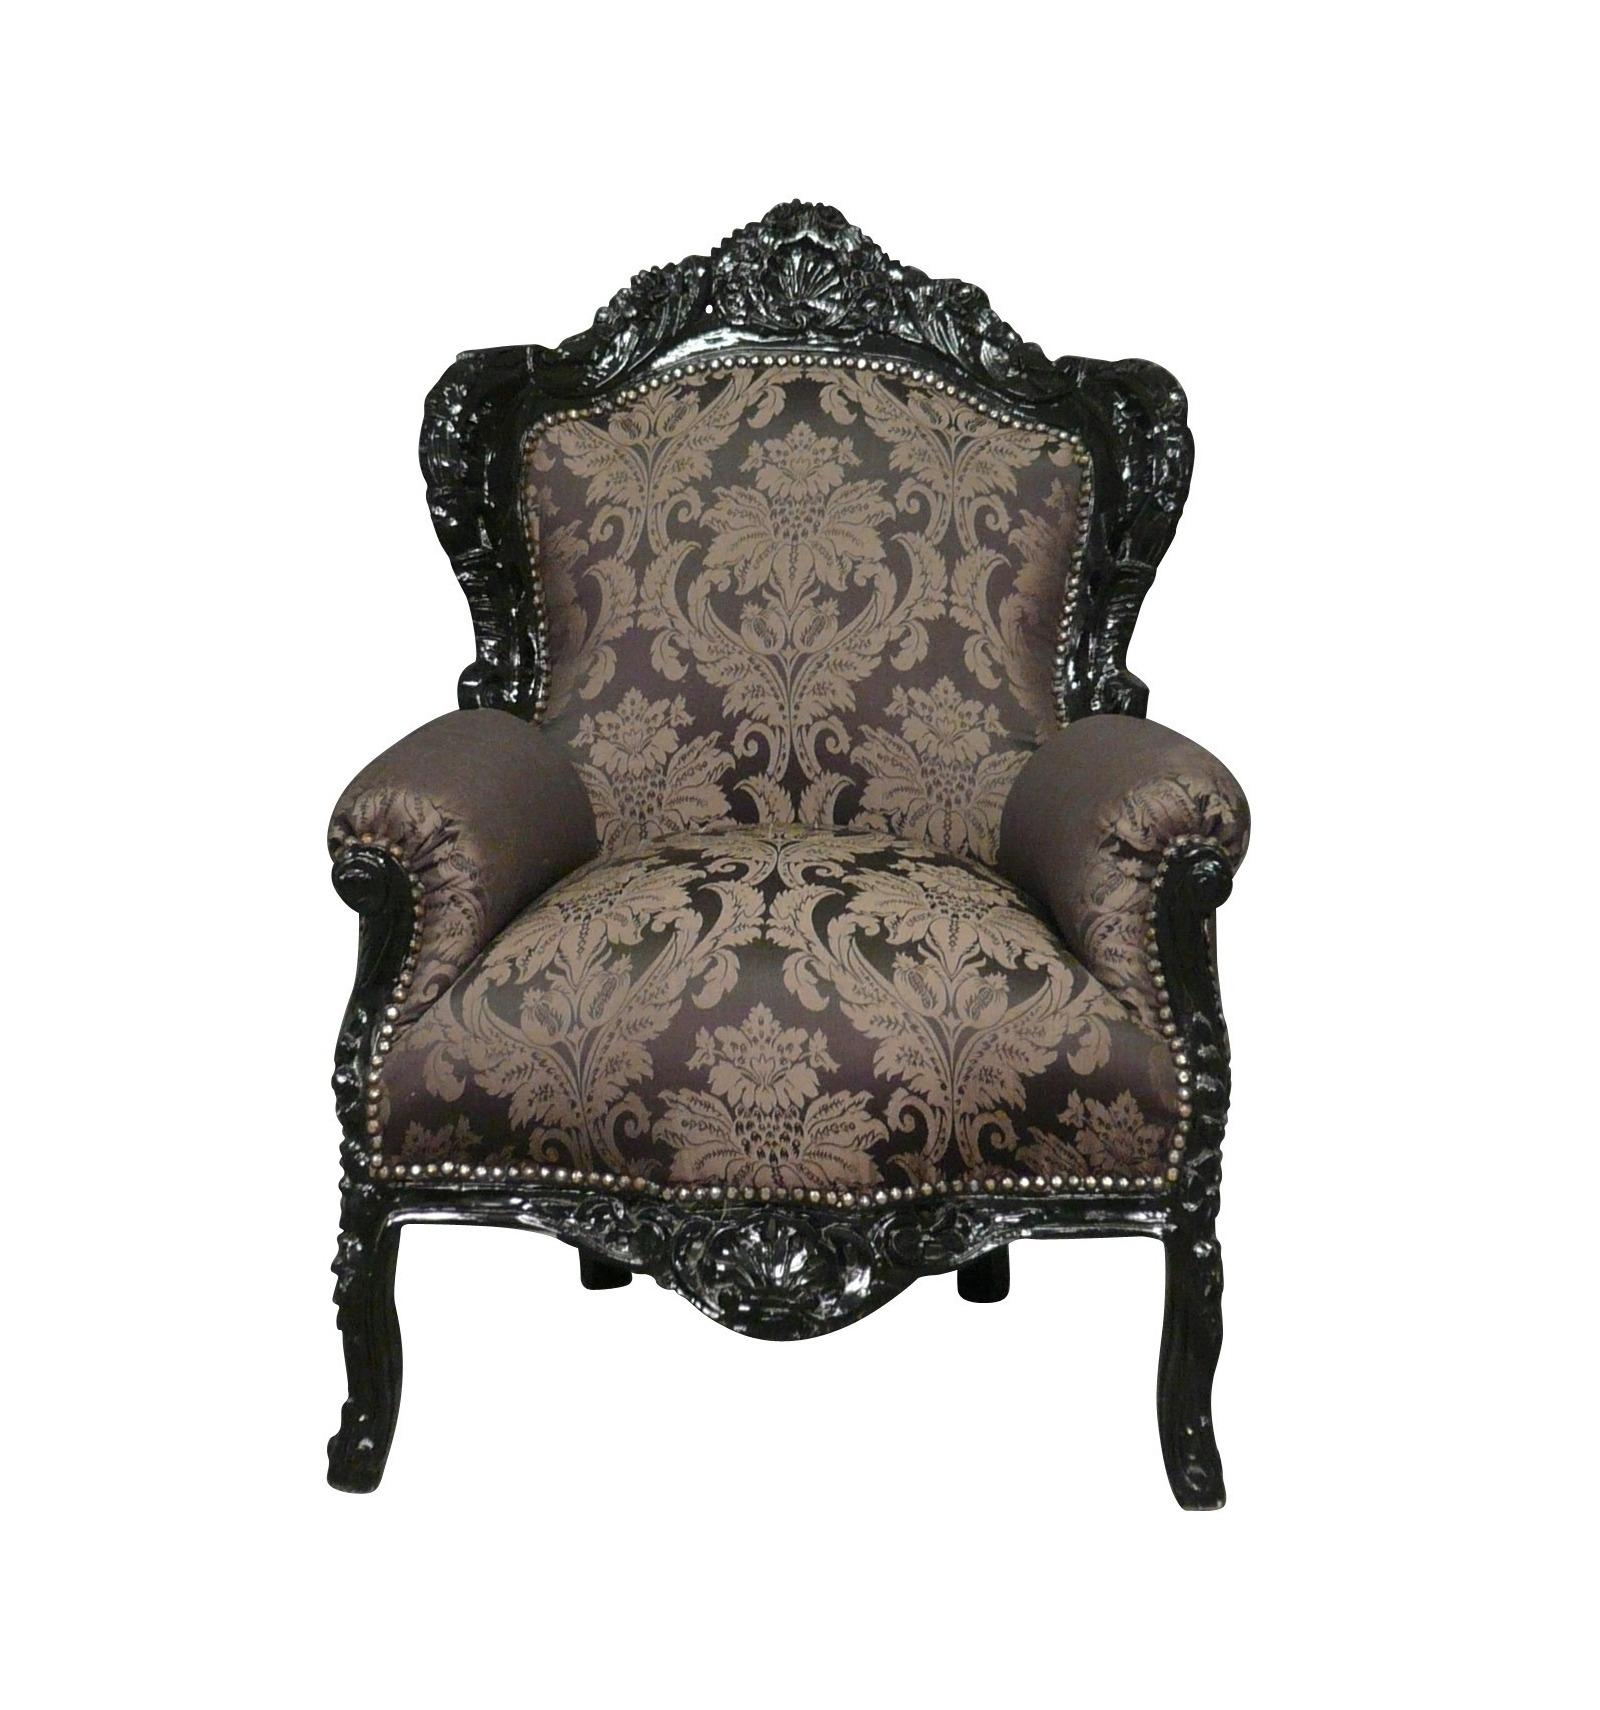 Fauteuil baroque royal noir et argent meuble baroque pas - Meuble baroque pas cher belgique ...